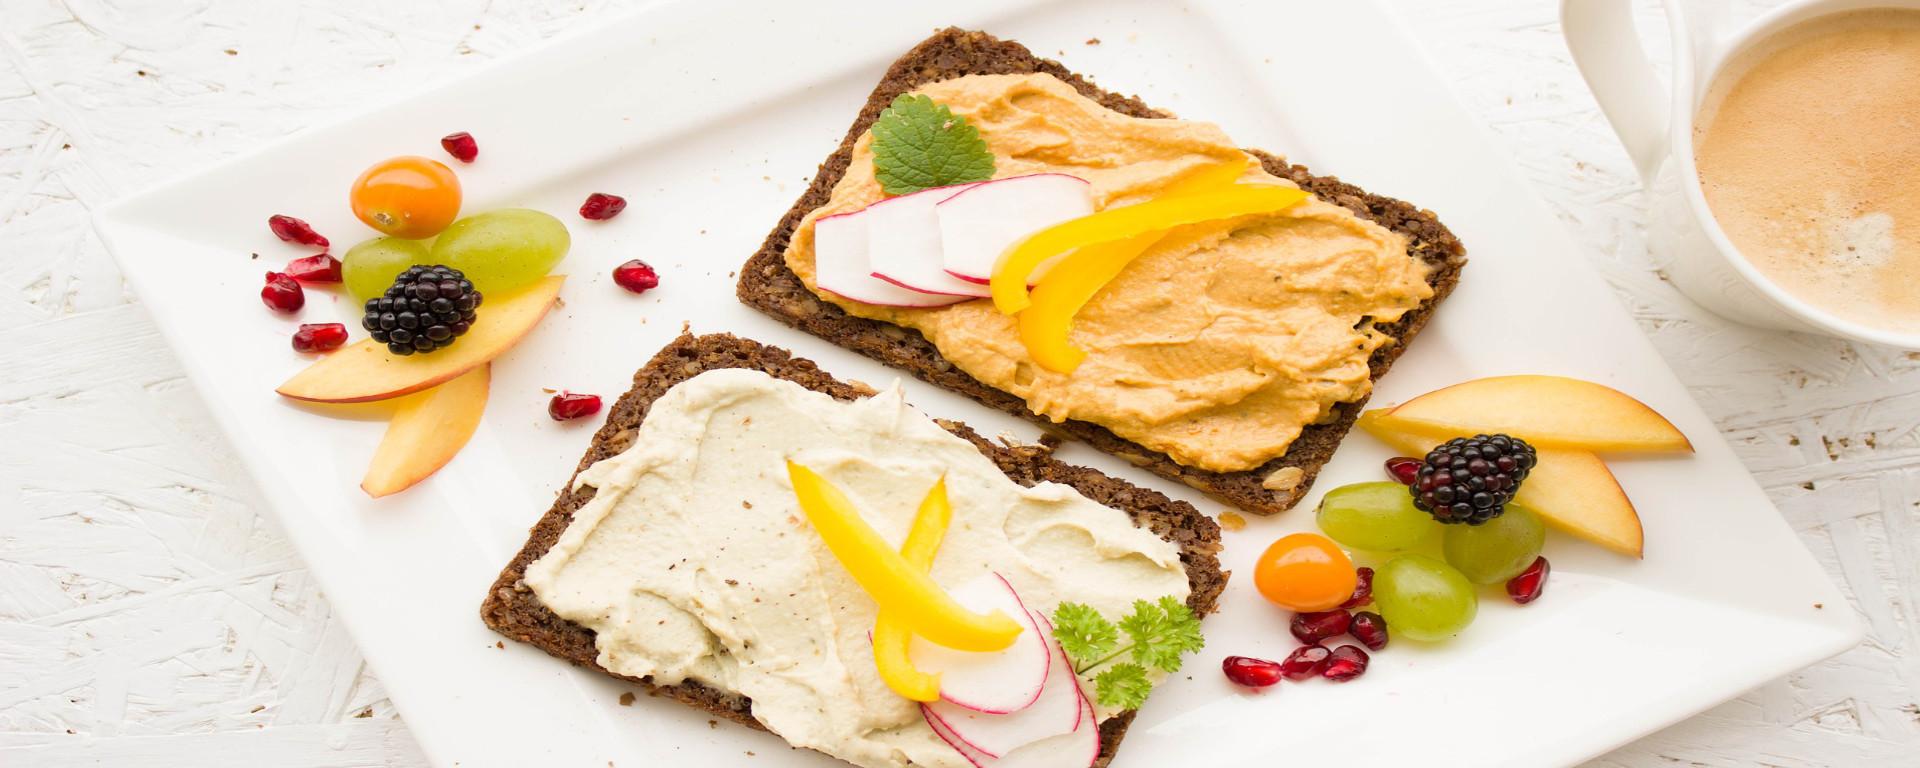 Das SAVOY Hotel Frankfurt Frühstücks-Buffet für Hotelgäste wie auch für Gäste von aussen erwartet Sie Werktags ab 6:00 Uhr!